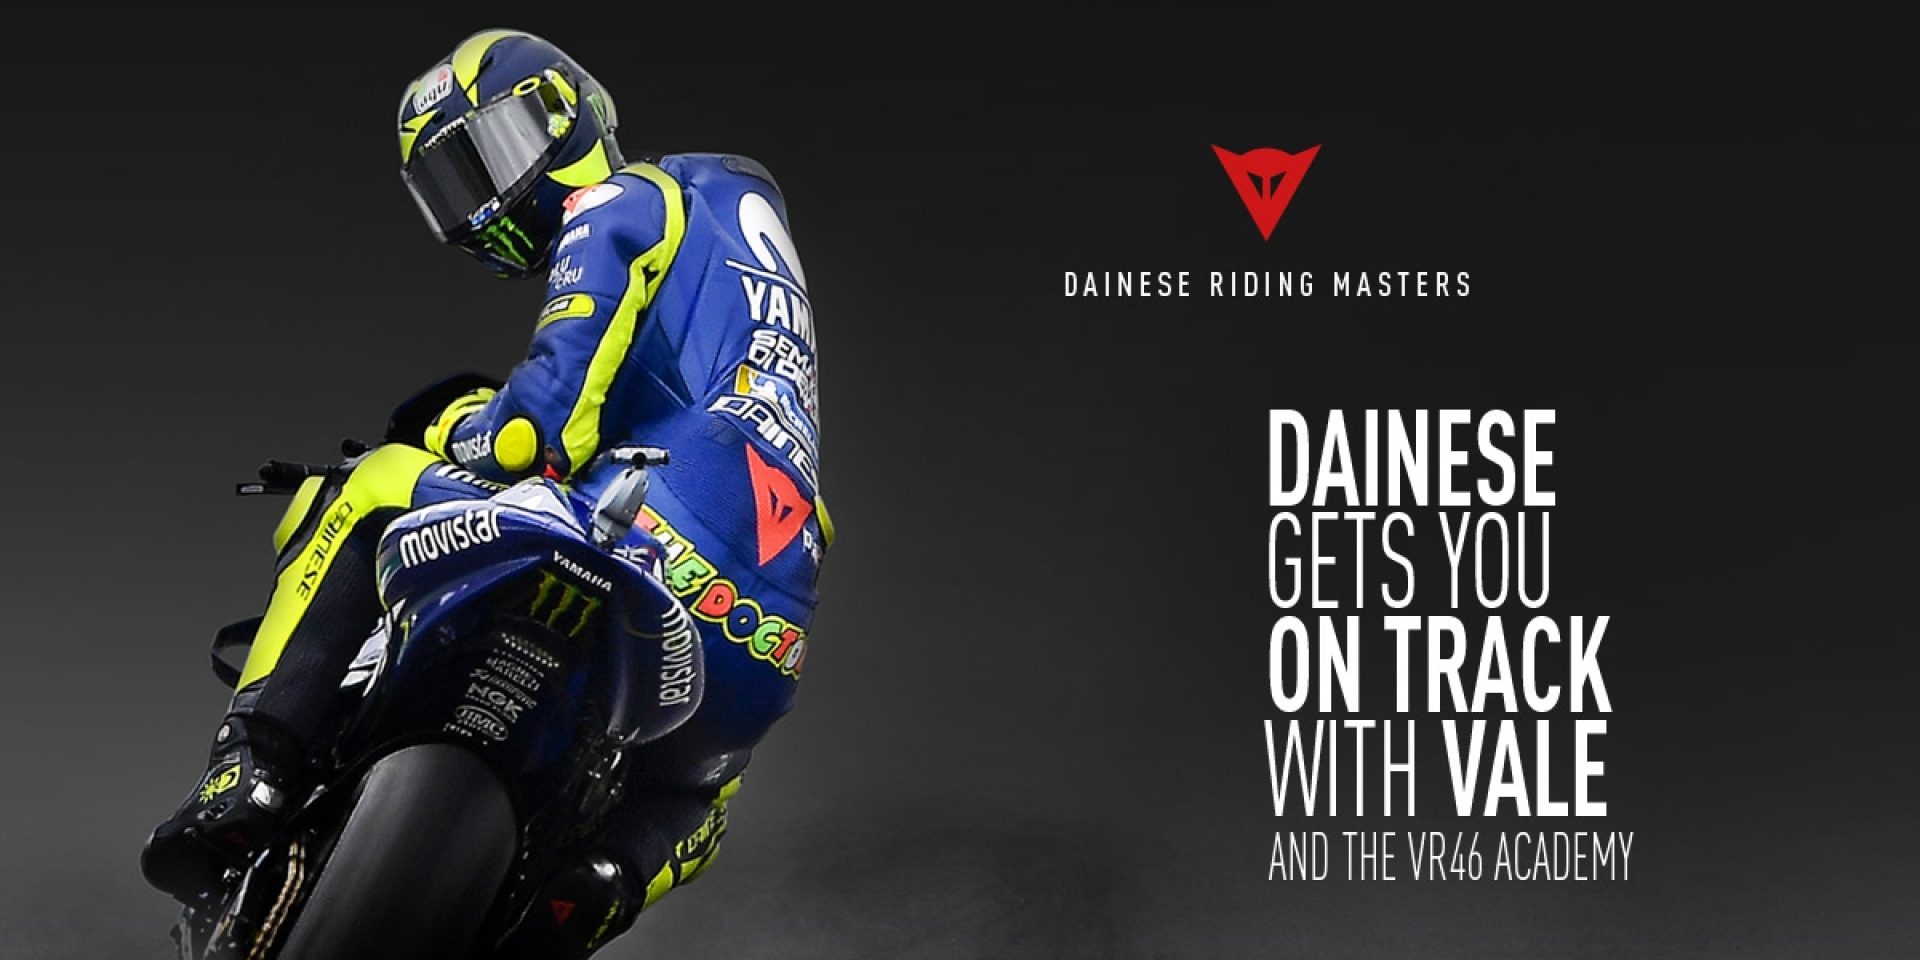 在MotoGP MISANO賽道與Valentino Rossi一同騎車,這真的不是詐騙